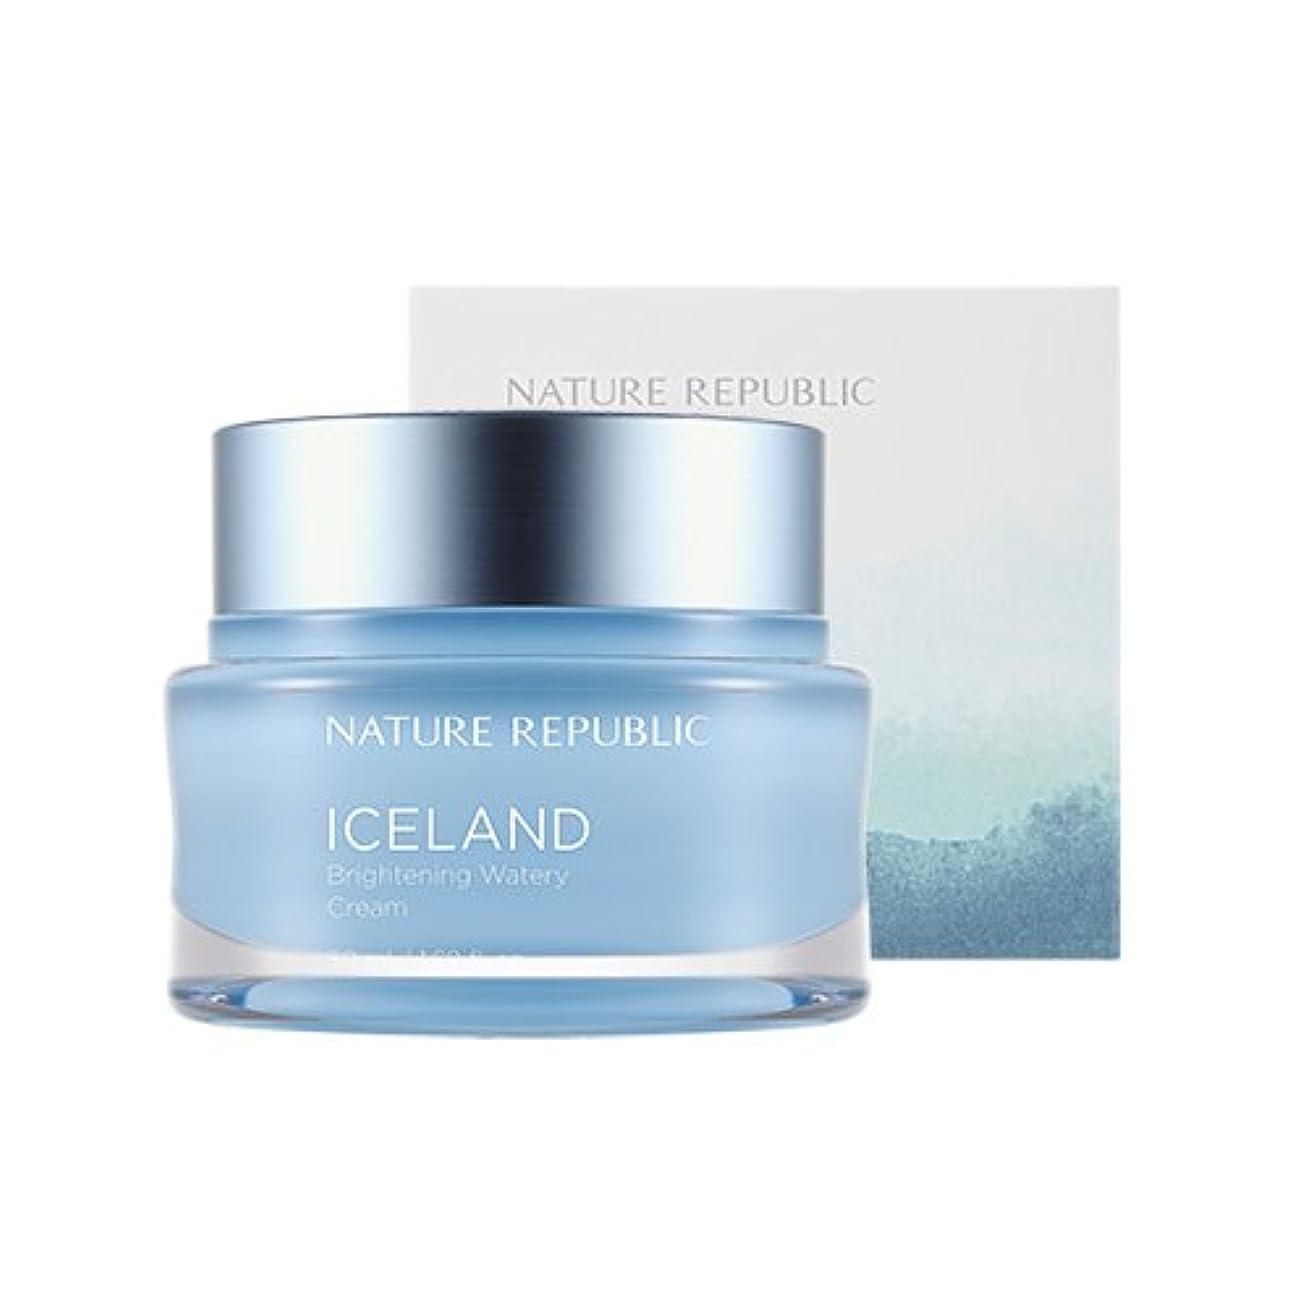 神コマース言い直すNature Republic Iceland Brightening Watery Cream 50ml / ネイチャーリパブリック アイスランドランドブライトニング水分クリーム 50ml [並行輸入品]